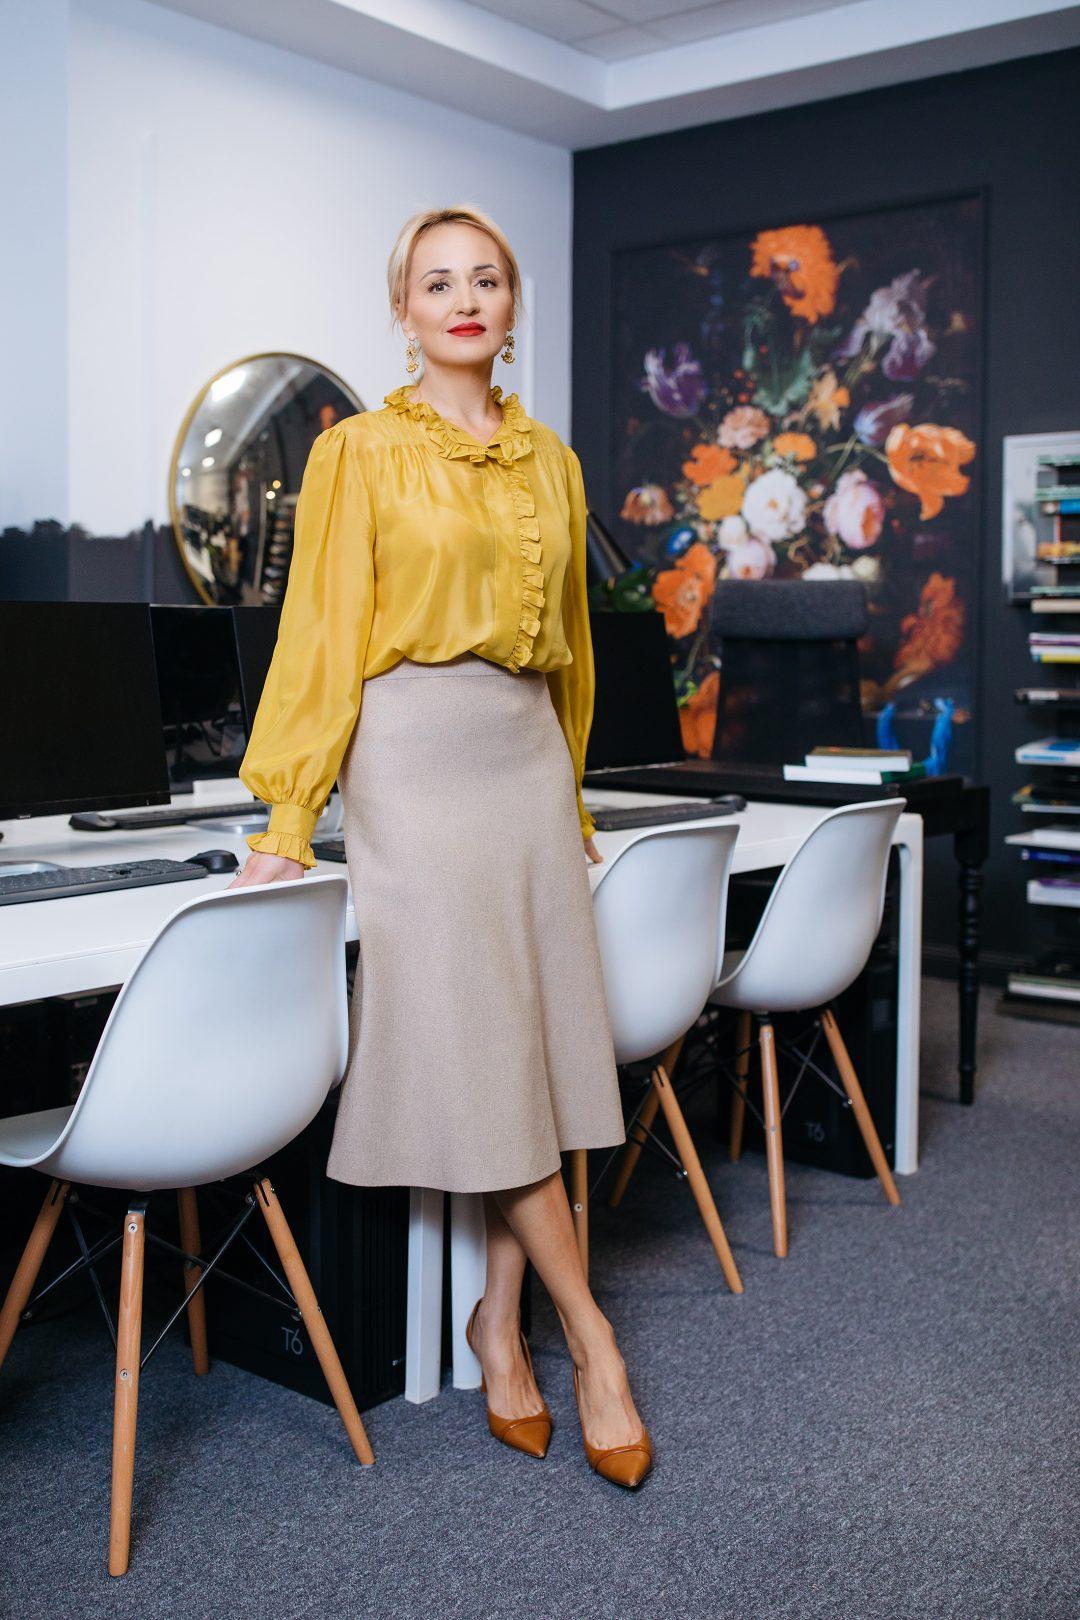 Mirjana Mikulec studio